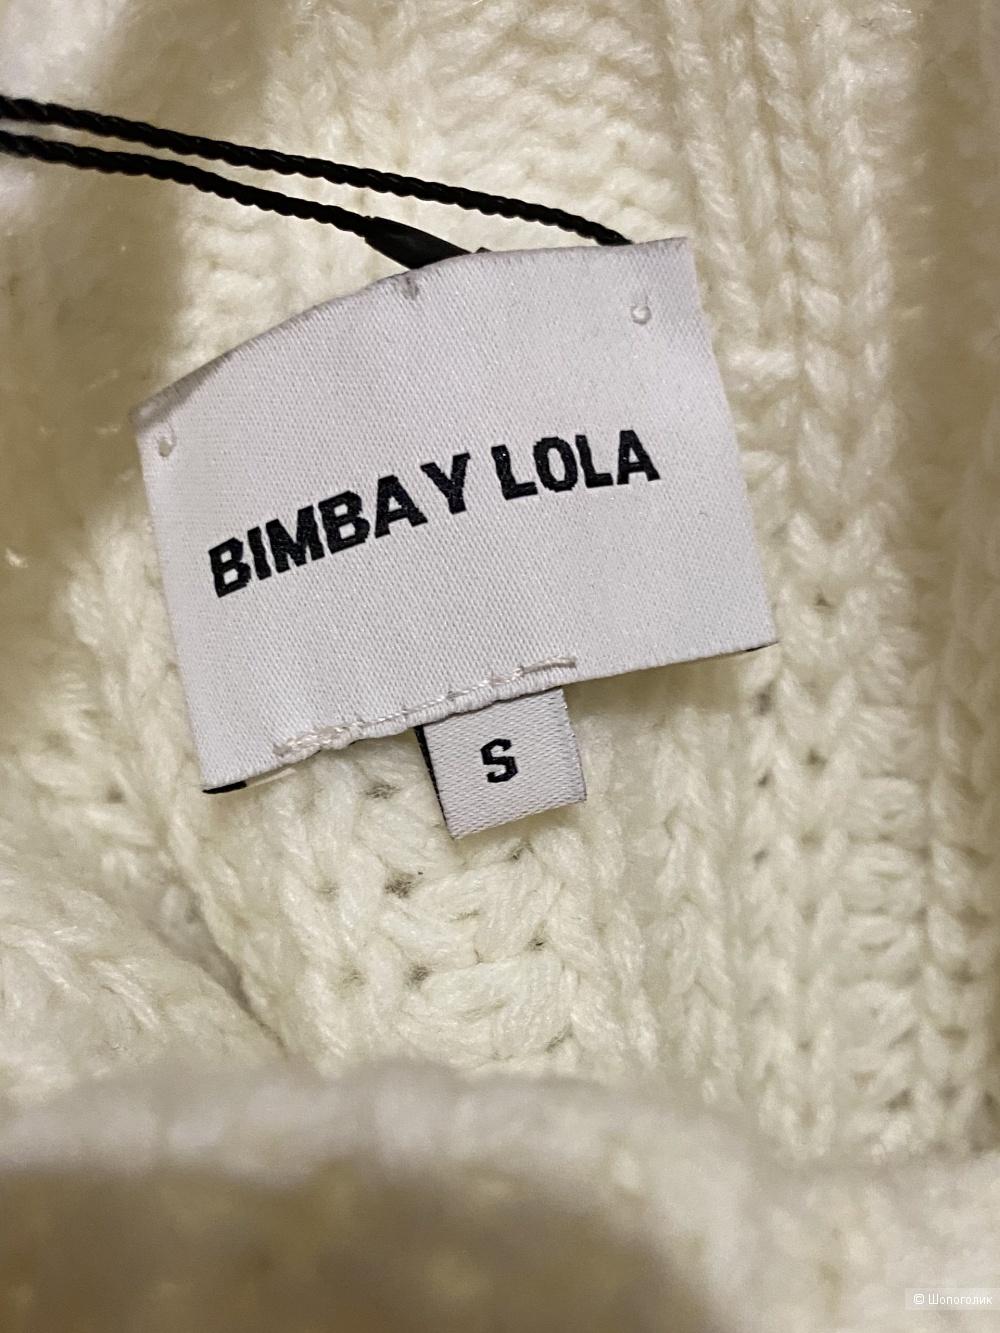 Свитер Bimba y Lola, размер S..